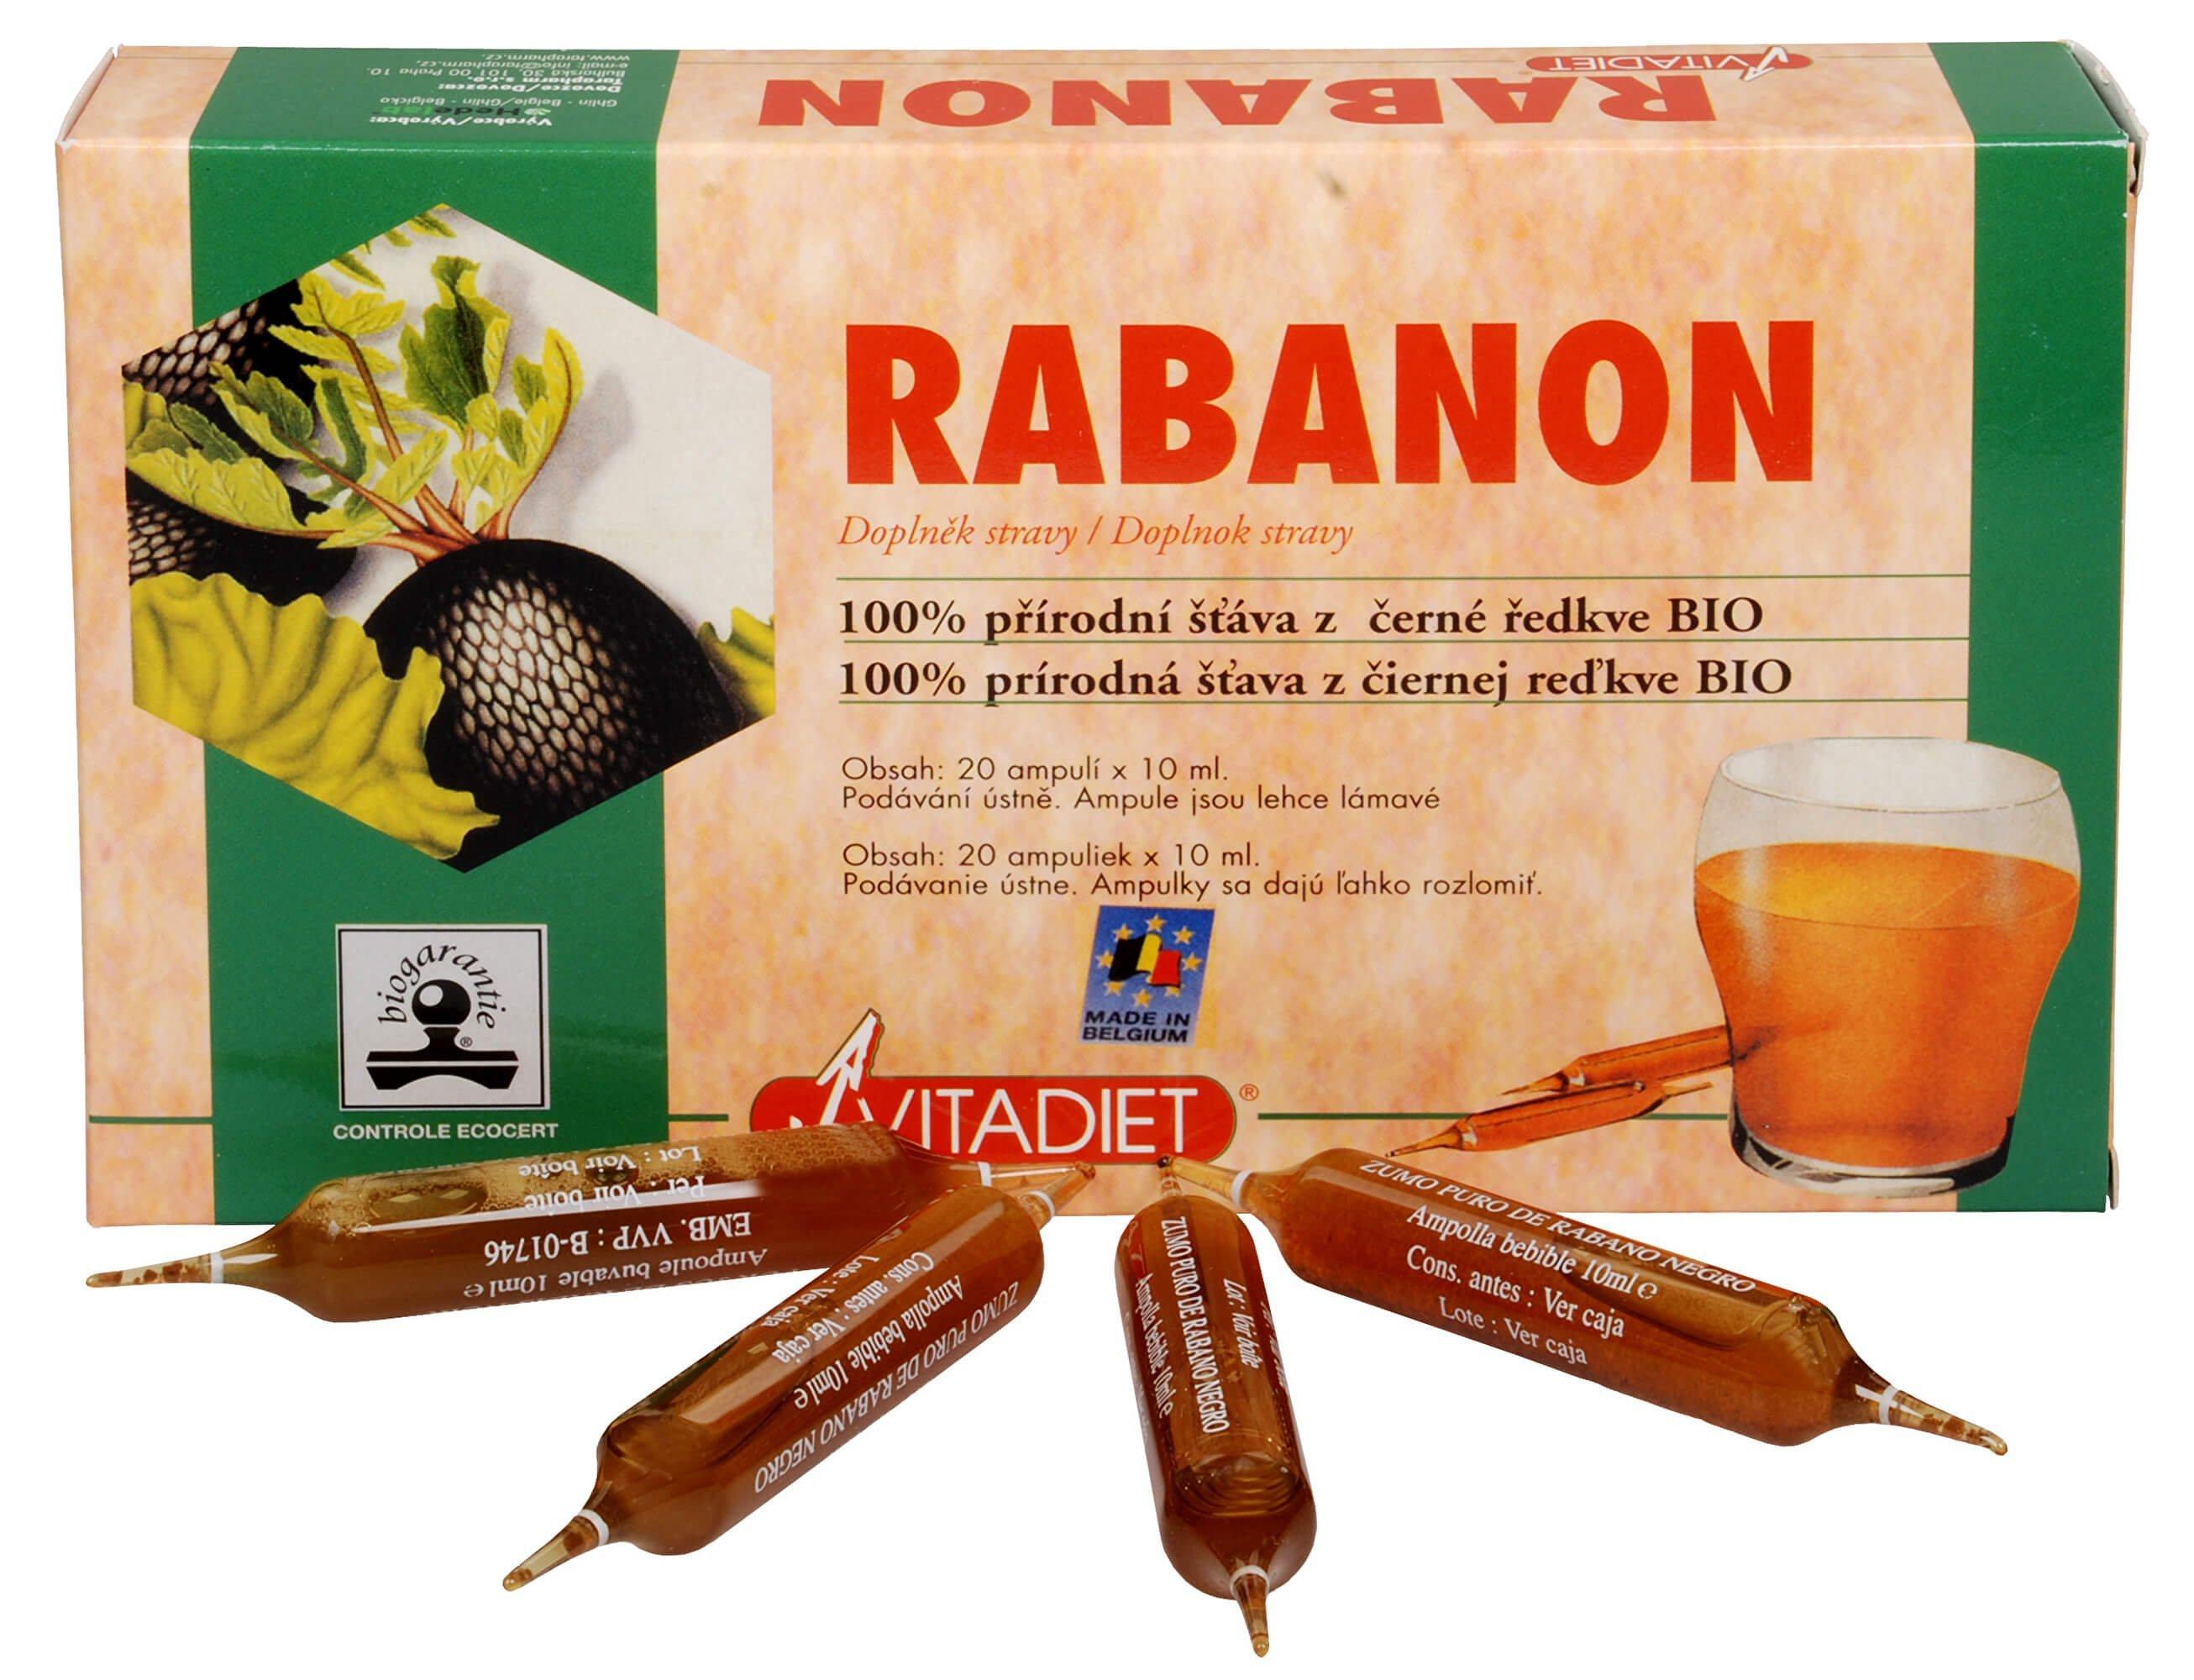 Rabanon 100% prírodná šťava z čiernej reďkovky BIO 20 ampulí